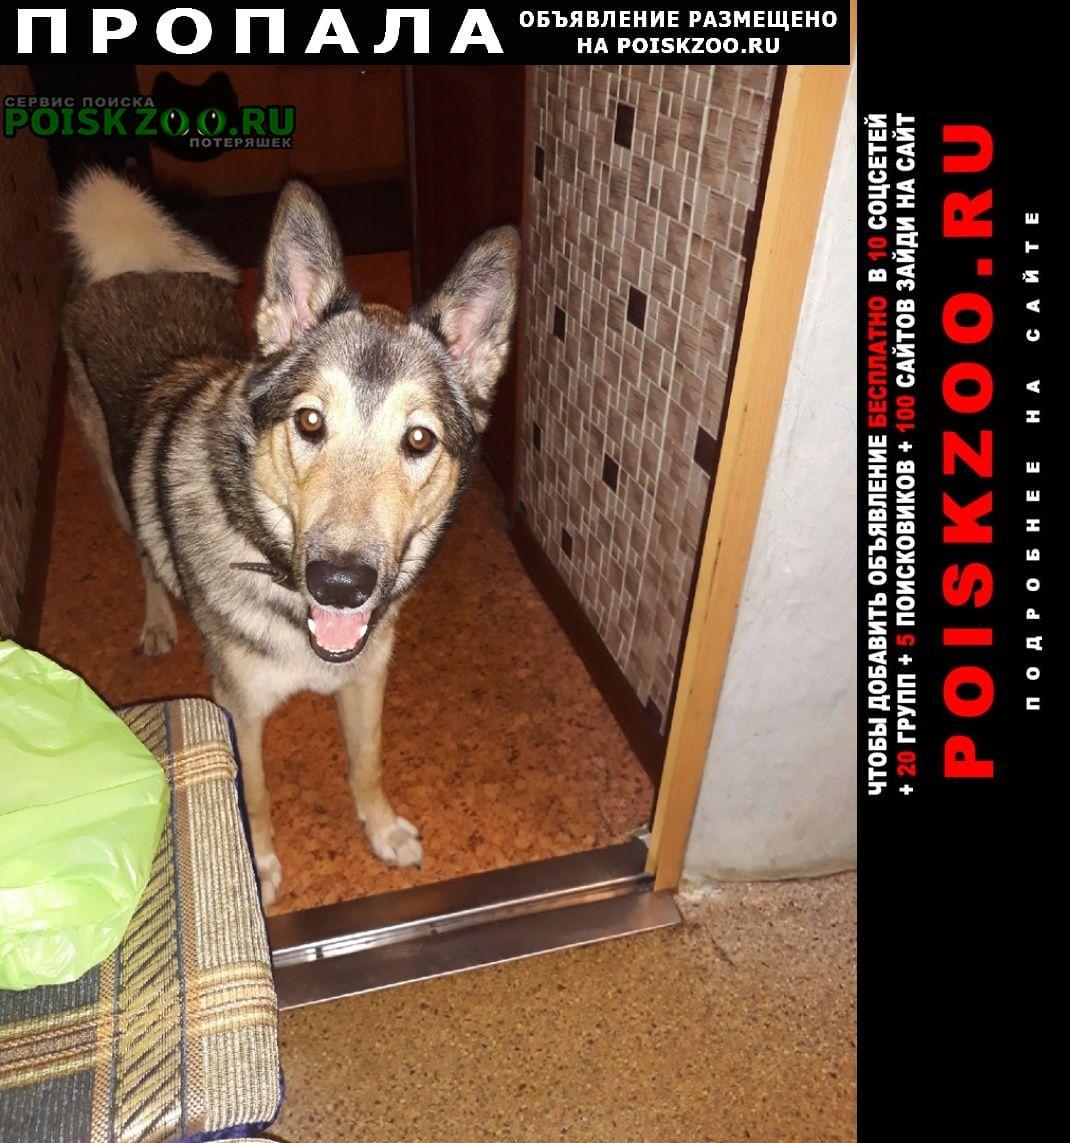 Пропала собака кобель молодой Кировск